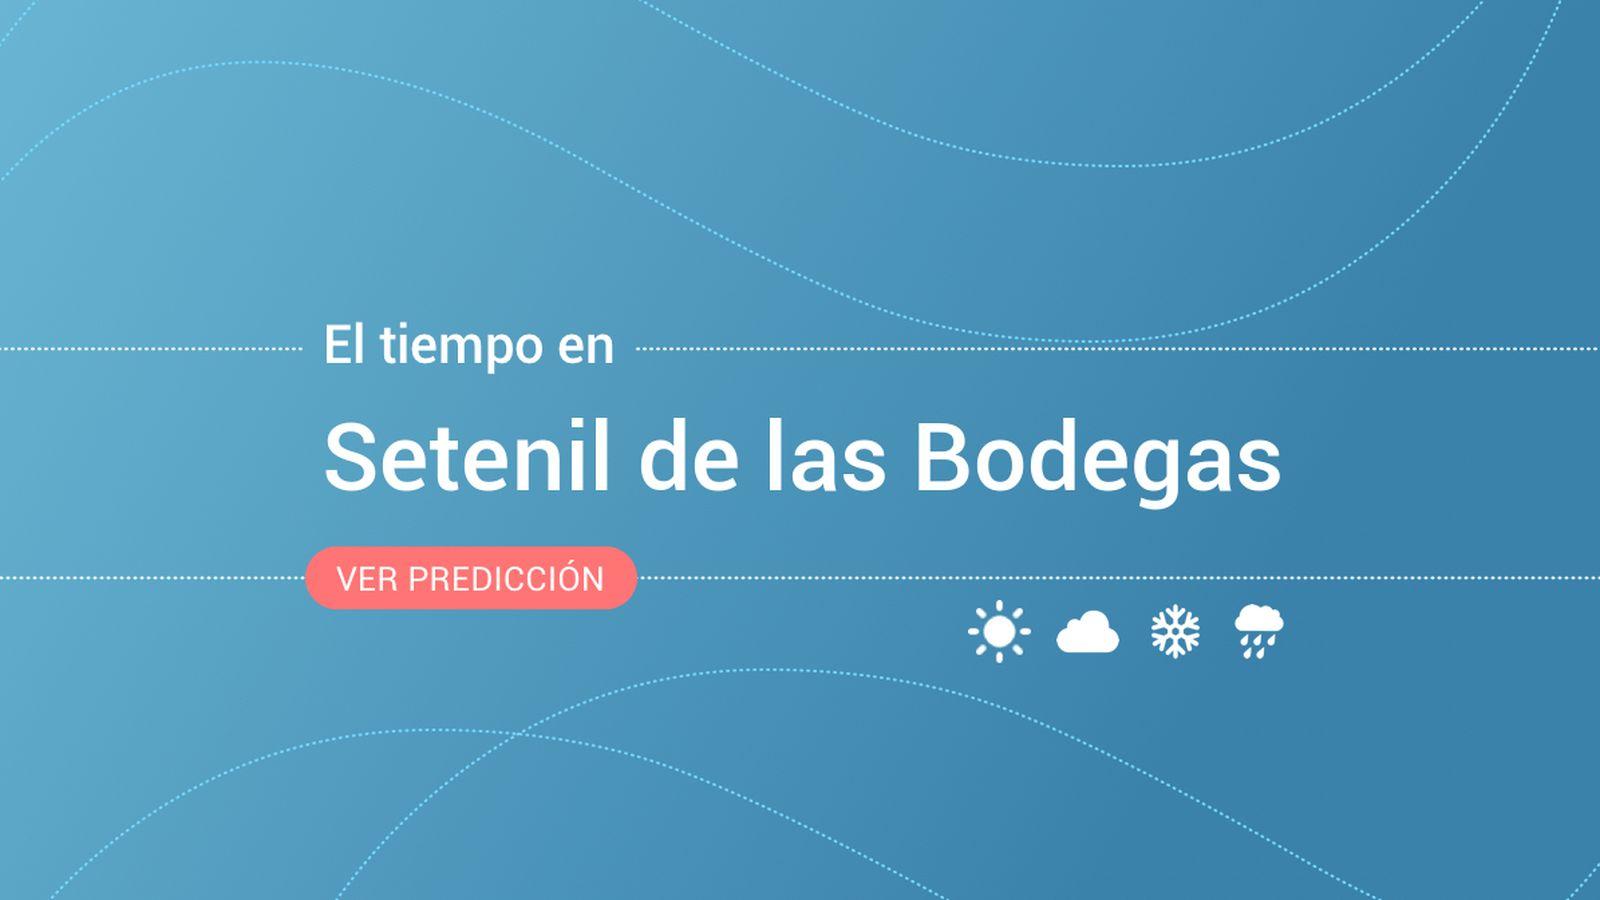 Foto: El tiempo en Setenil de las Bodegas. (EC)